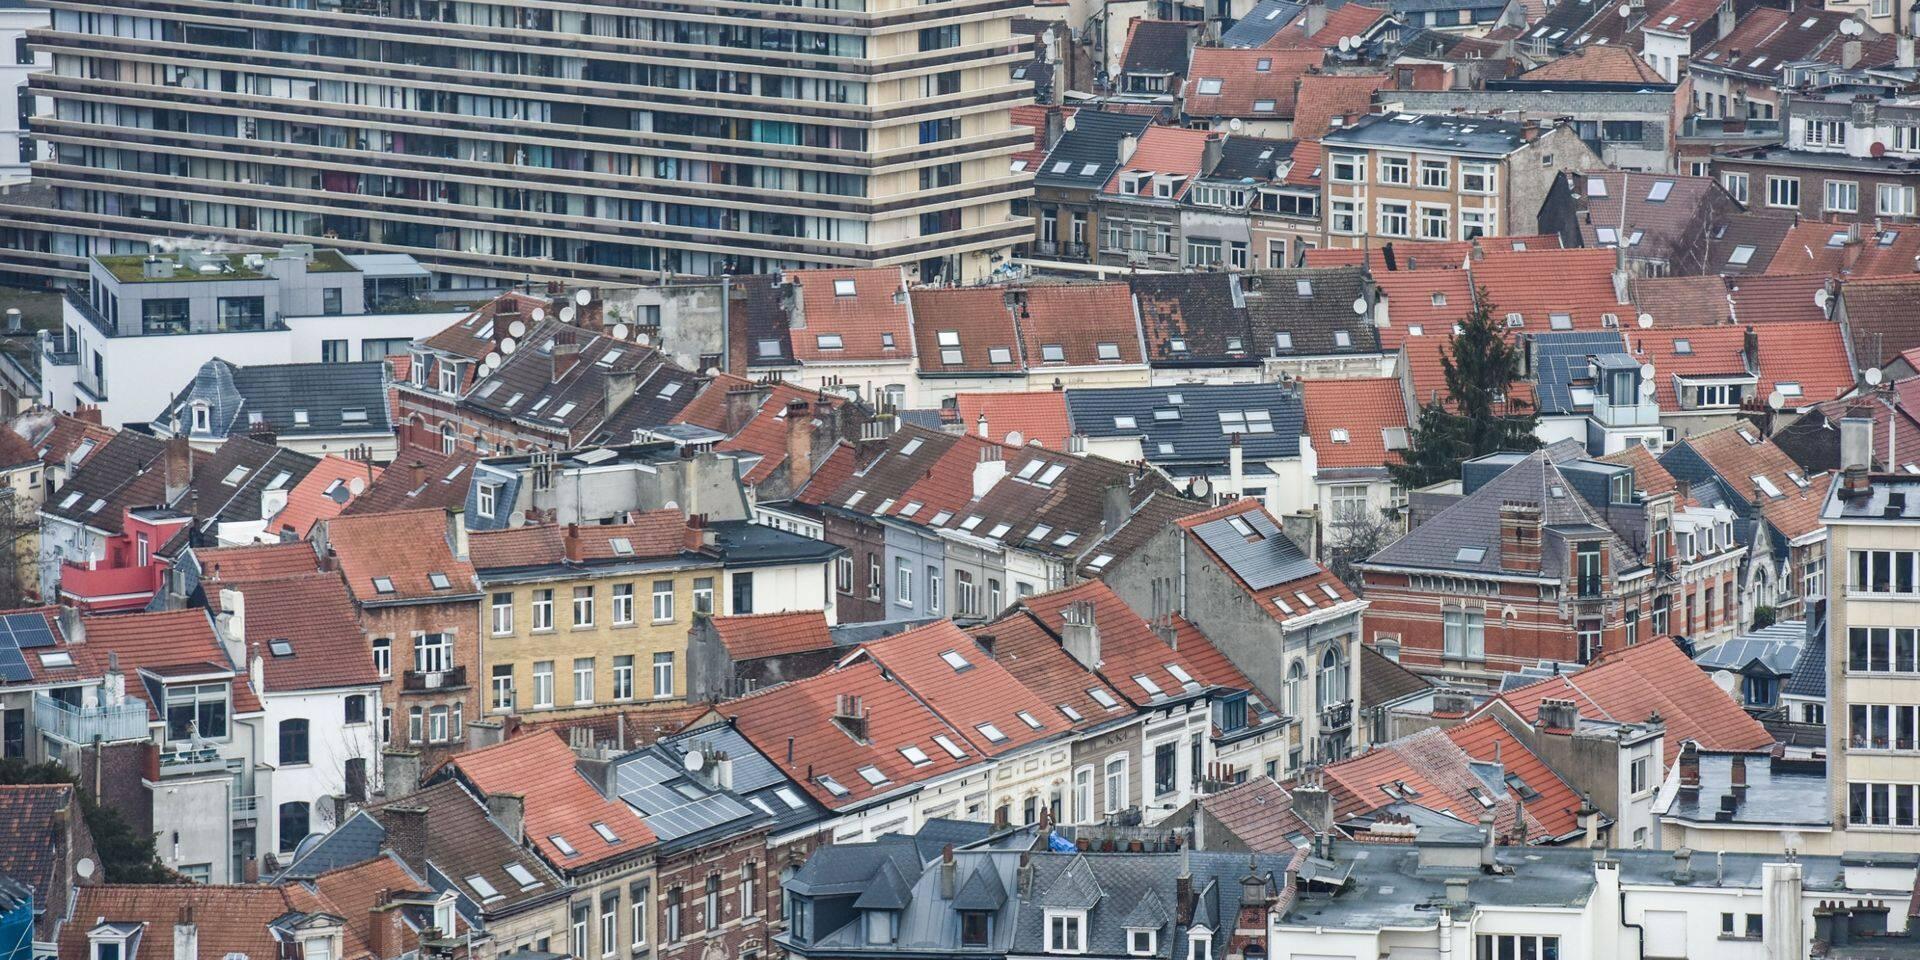 Le moratoire bruxellois sur les expulsions de locataires est prolongé jusqu'au 24 avril